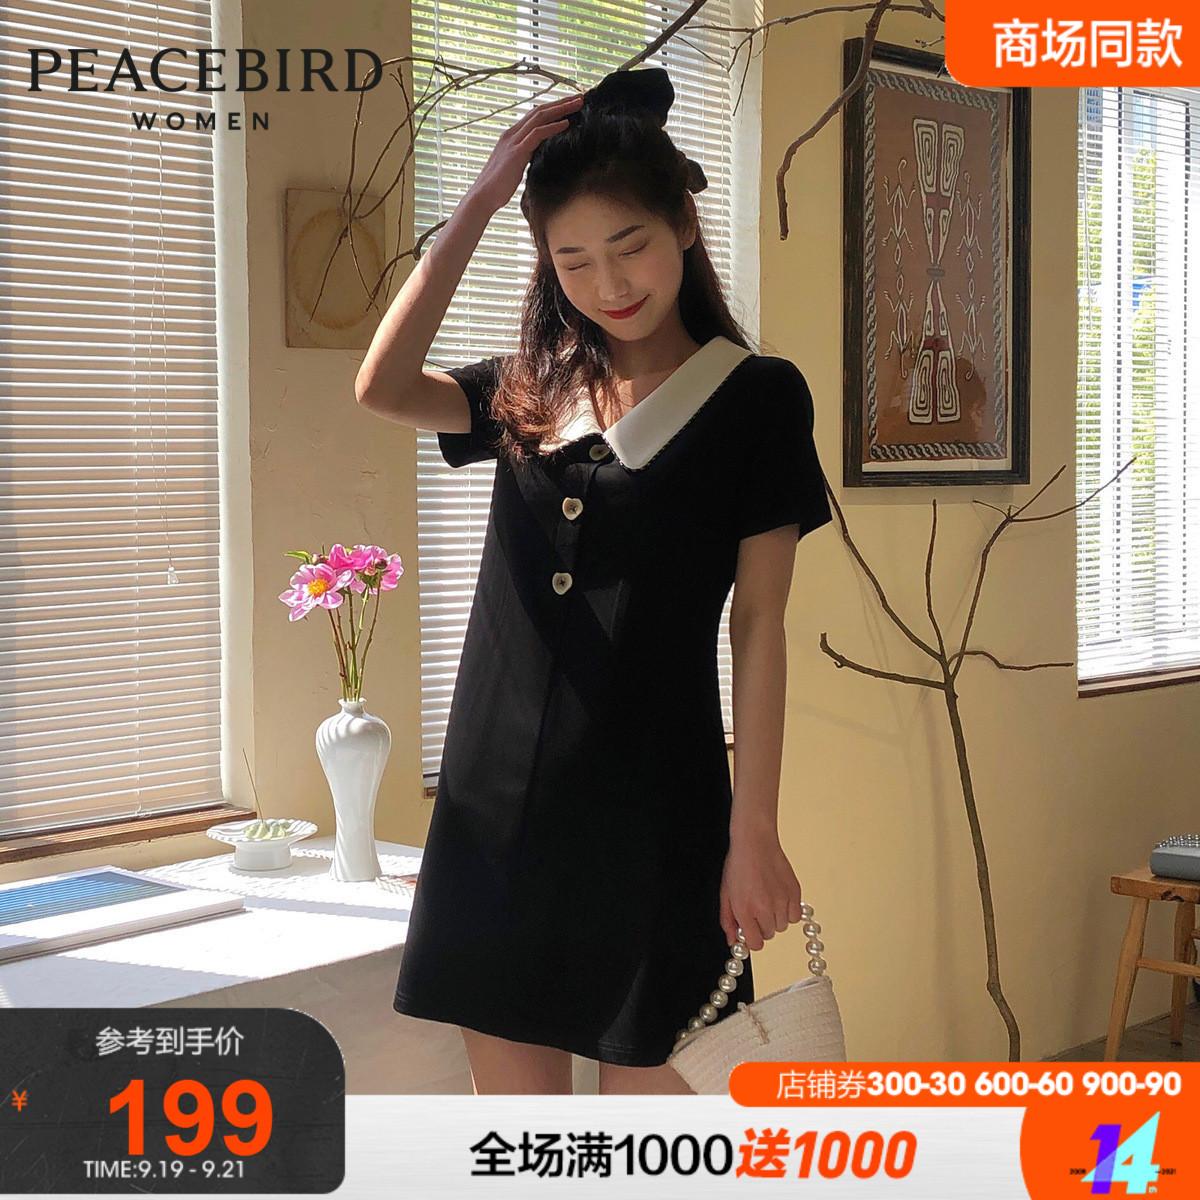 【商场同款】太平鸟翻领连衣裙女2021夏新款收腰短袖法式小黑裙